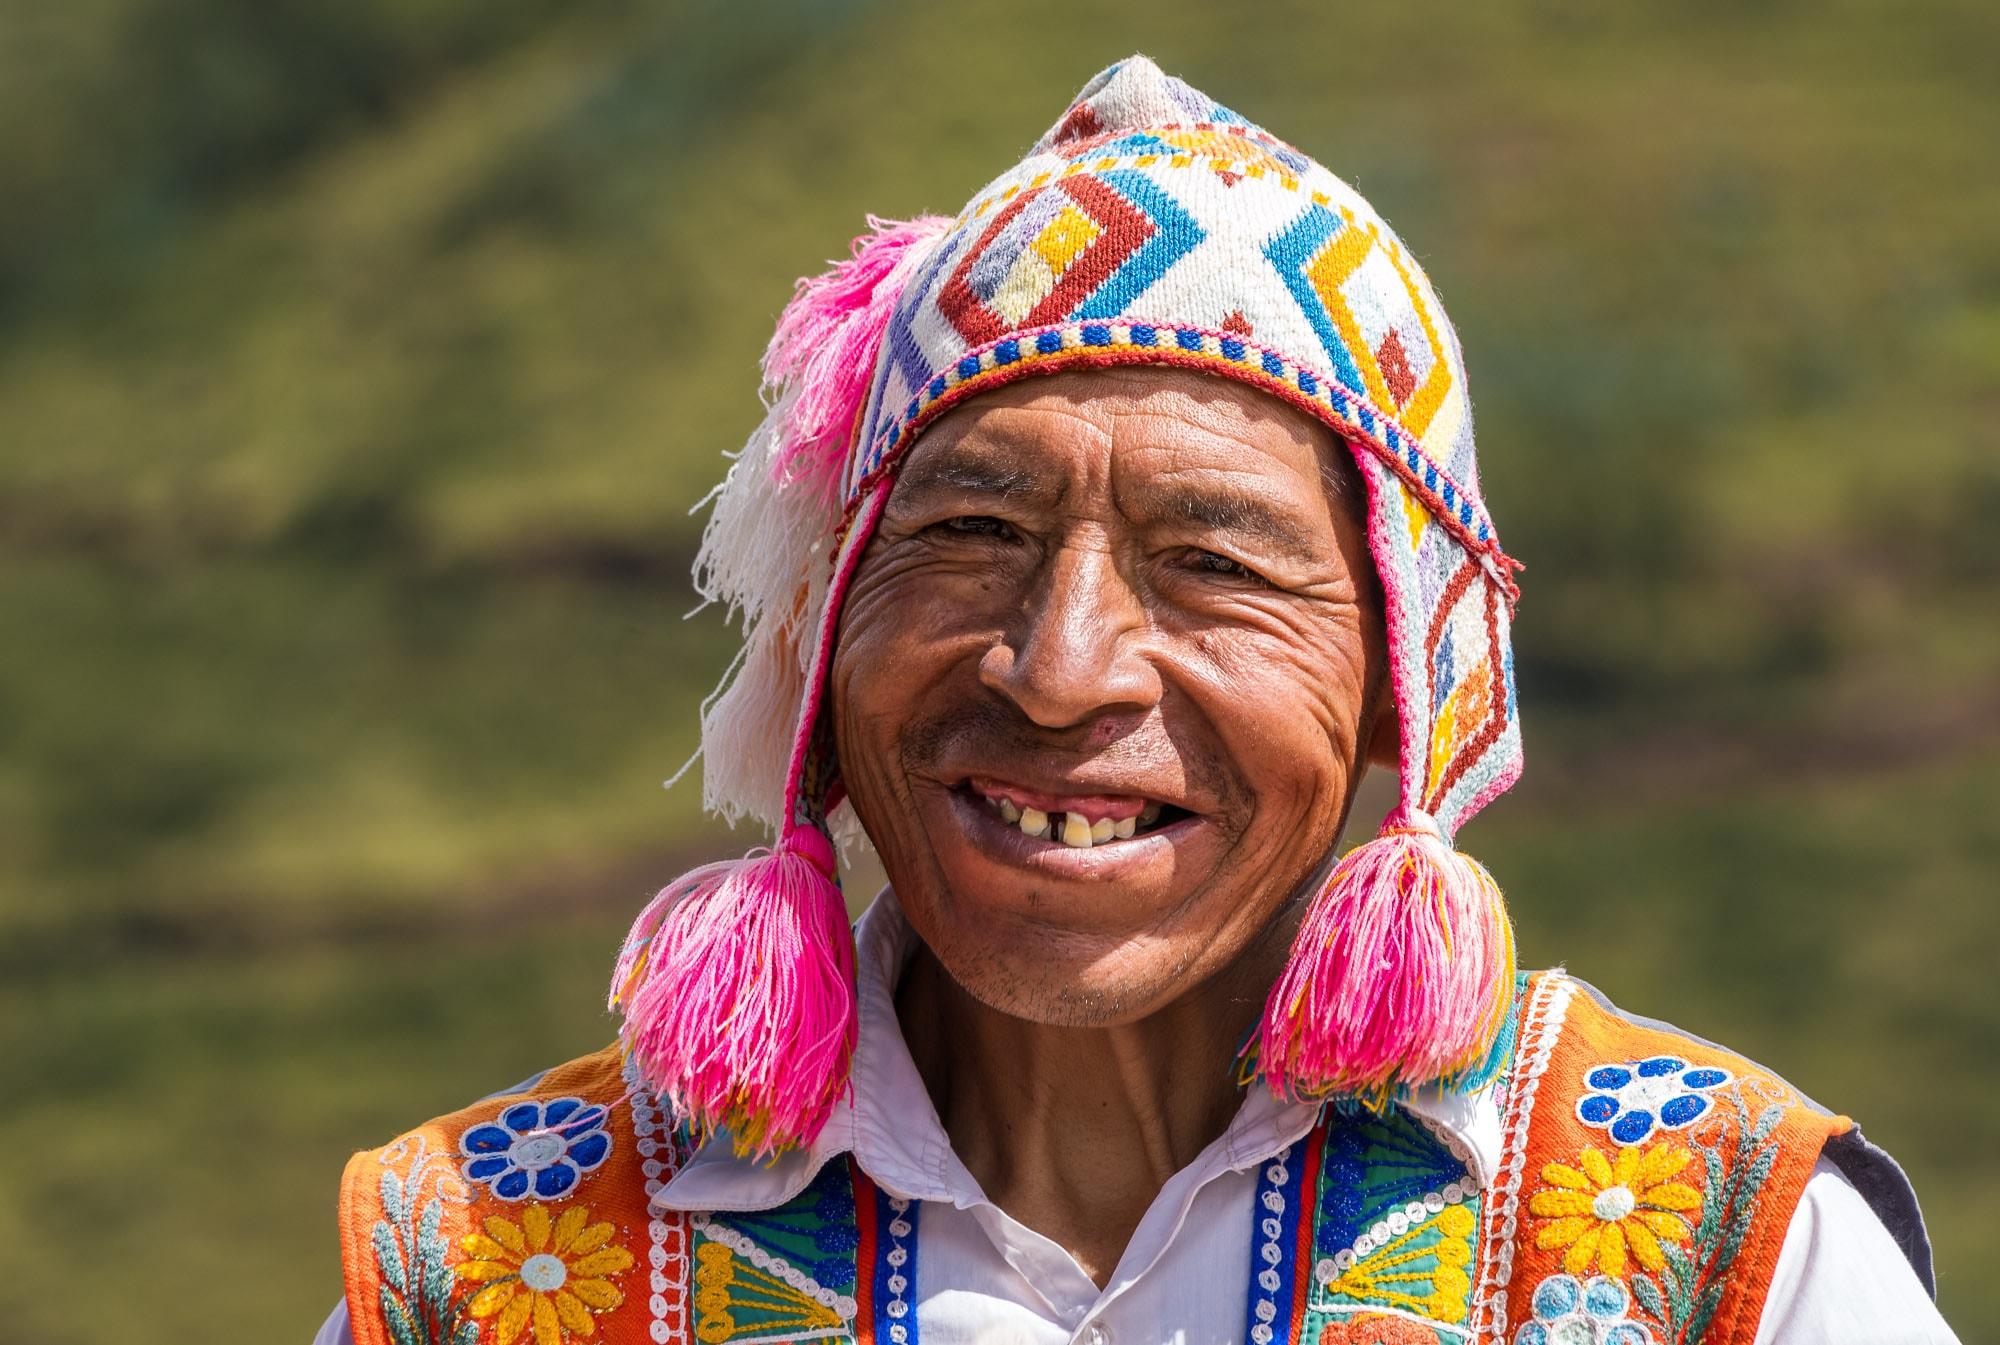 Peruvian man smiling